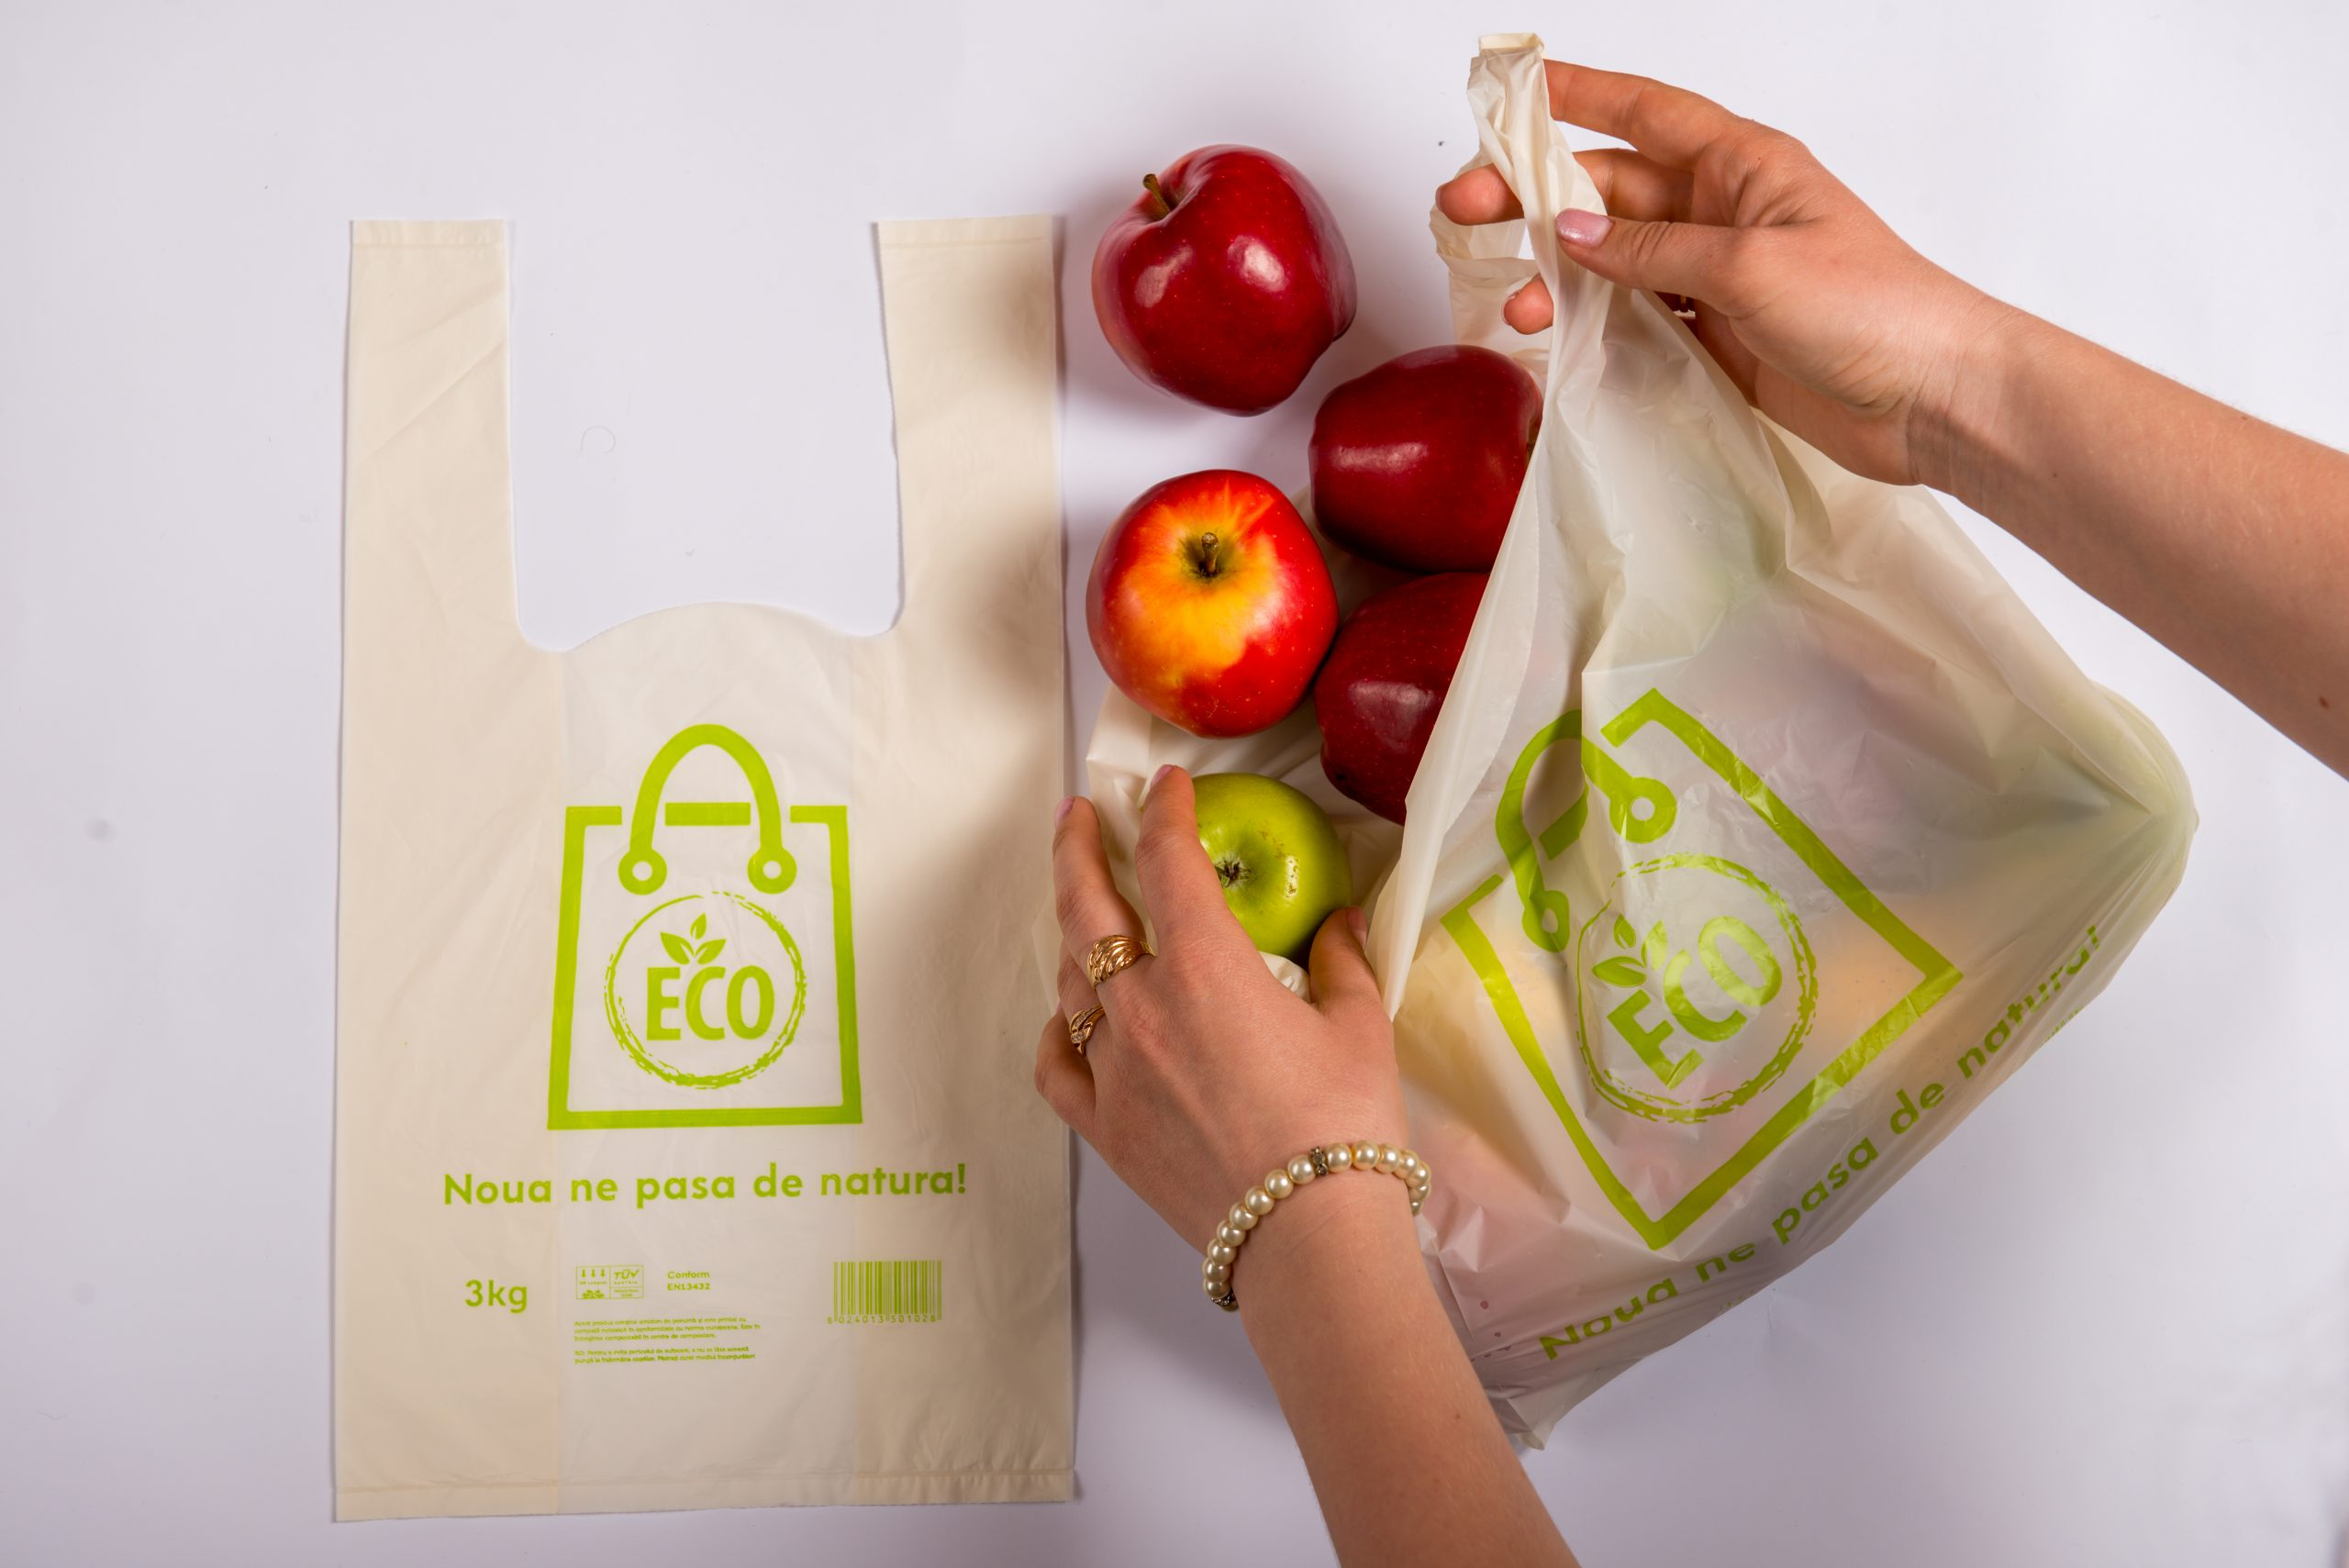 Cât de ecologice sunt noile produse din plastic biodegradabil, compostabil și biologic care intră acum in uz?